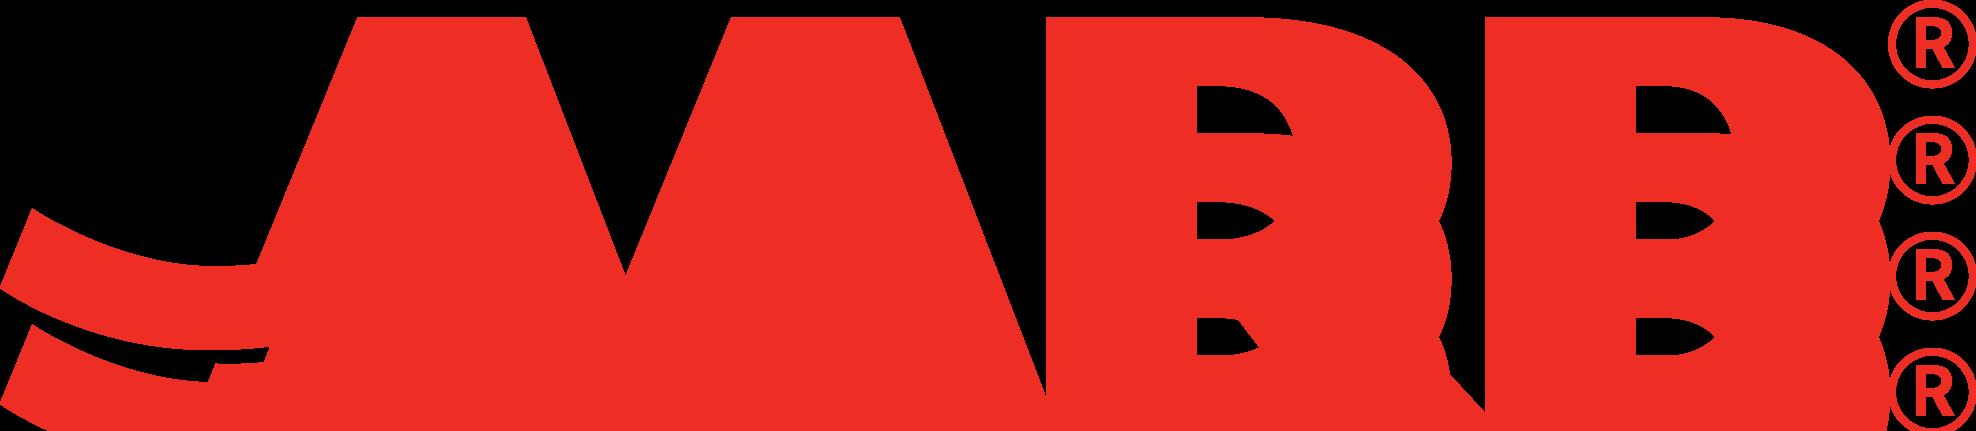 Aarp PNG